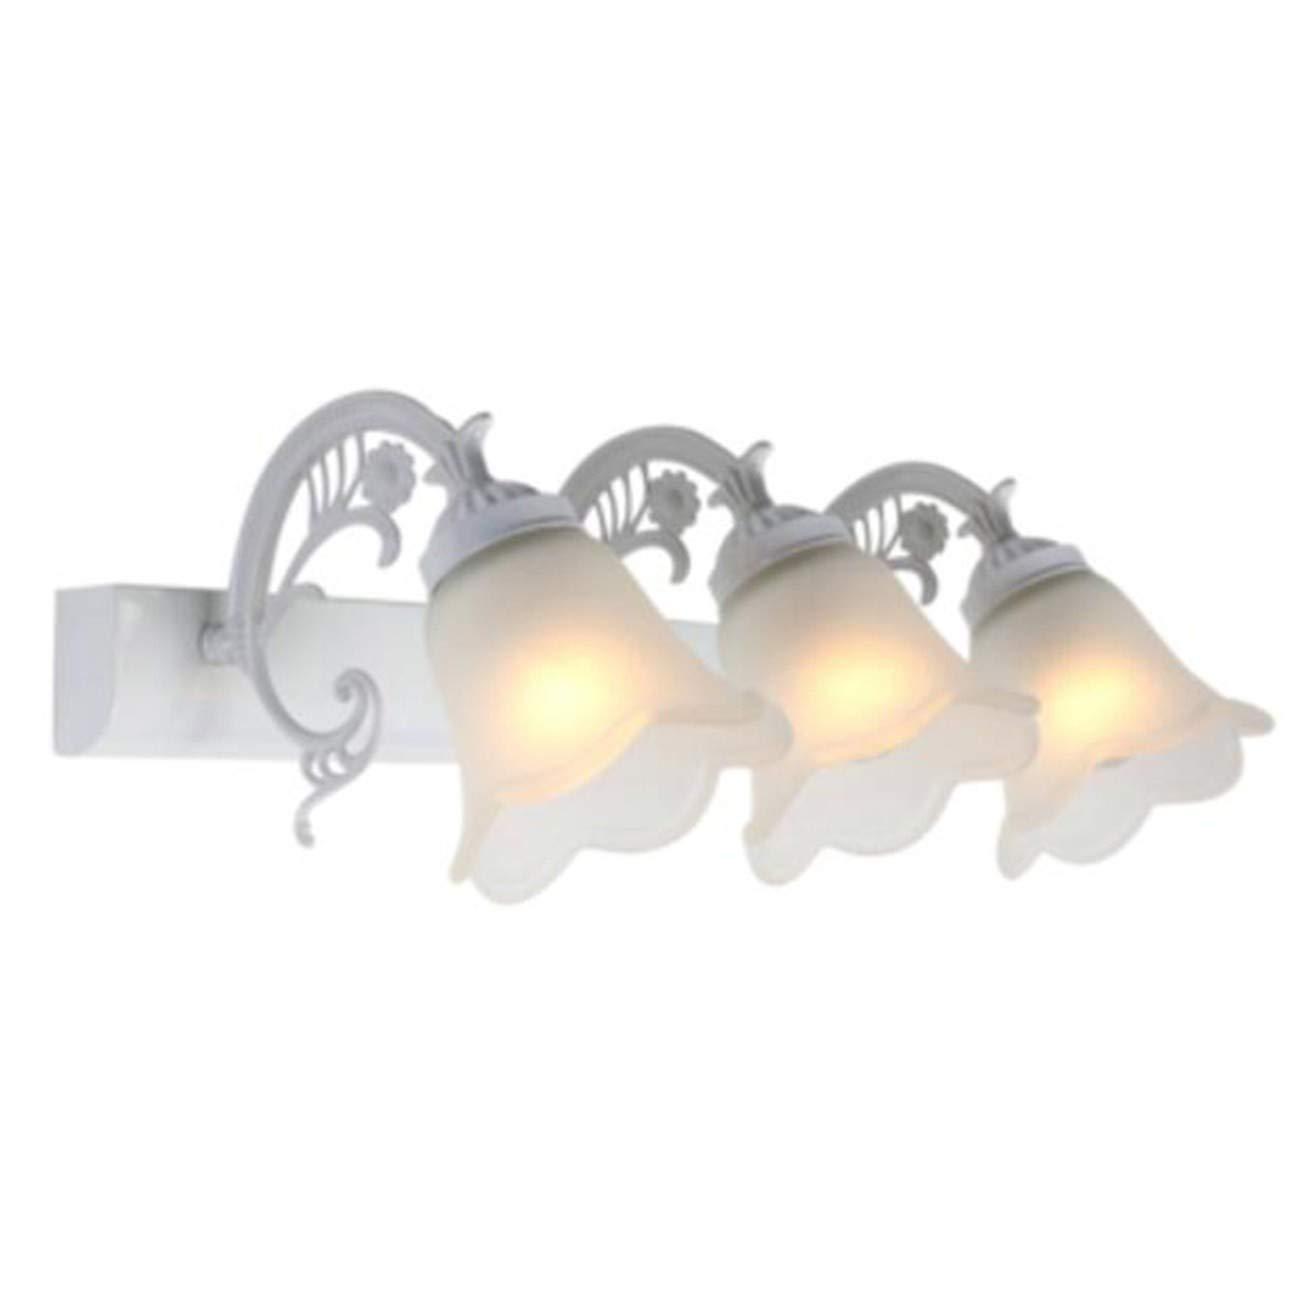 Wandleuchte Nicht Perforieren Spiegel SchAwerfer, Wc - Lampe, Wand, Lampen, Spiegel - Schrank Lampe,D